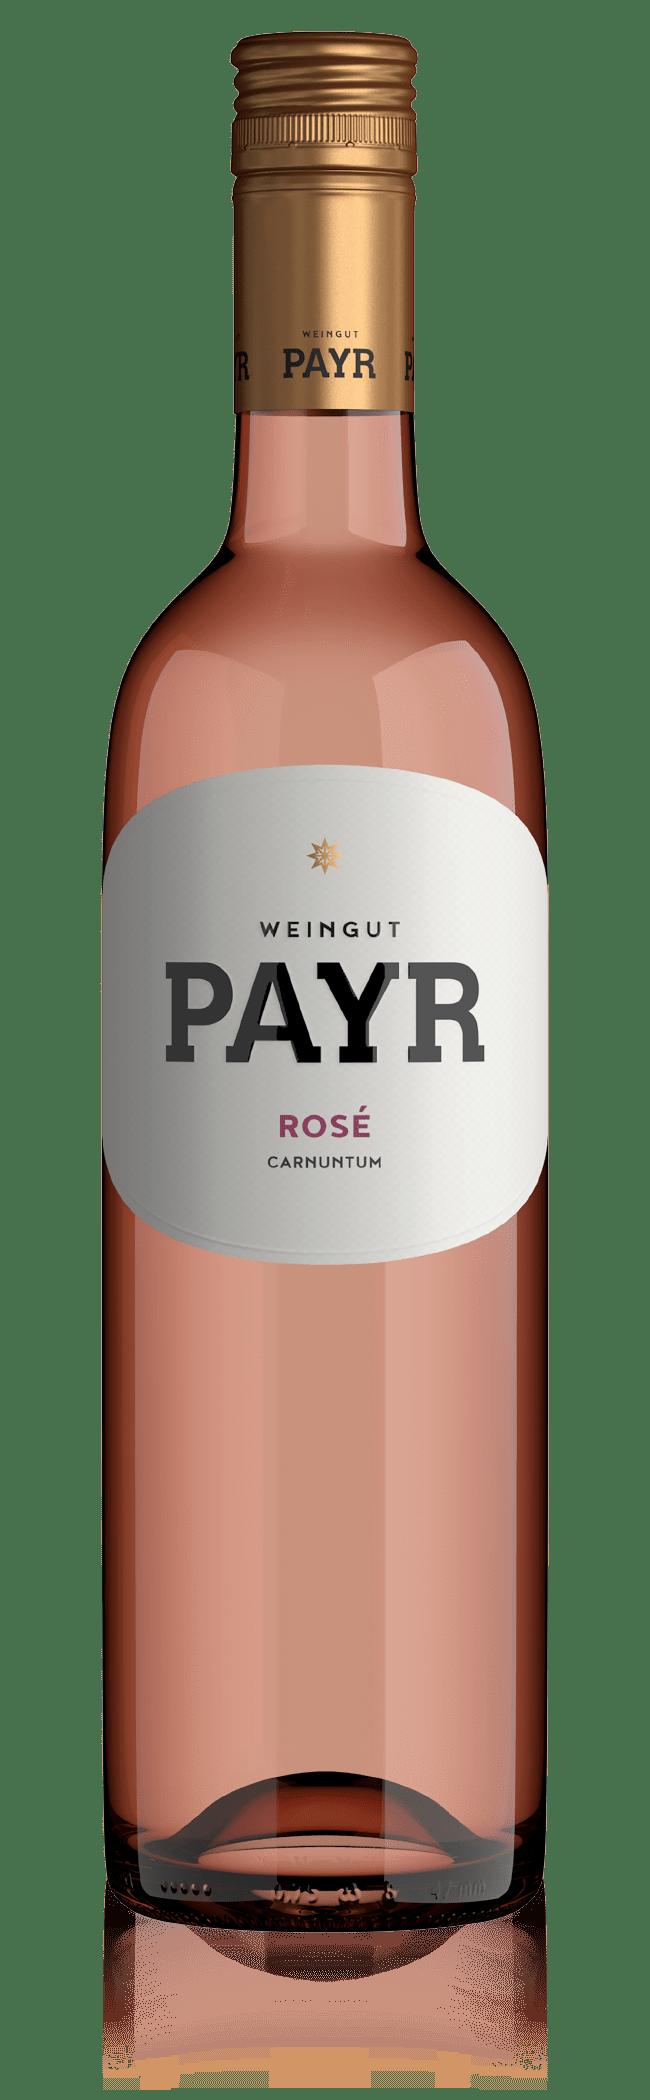 Weinflasche Rosé